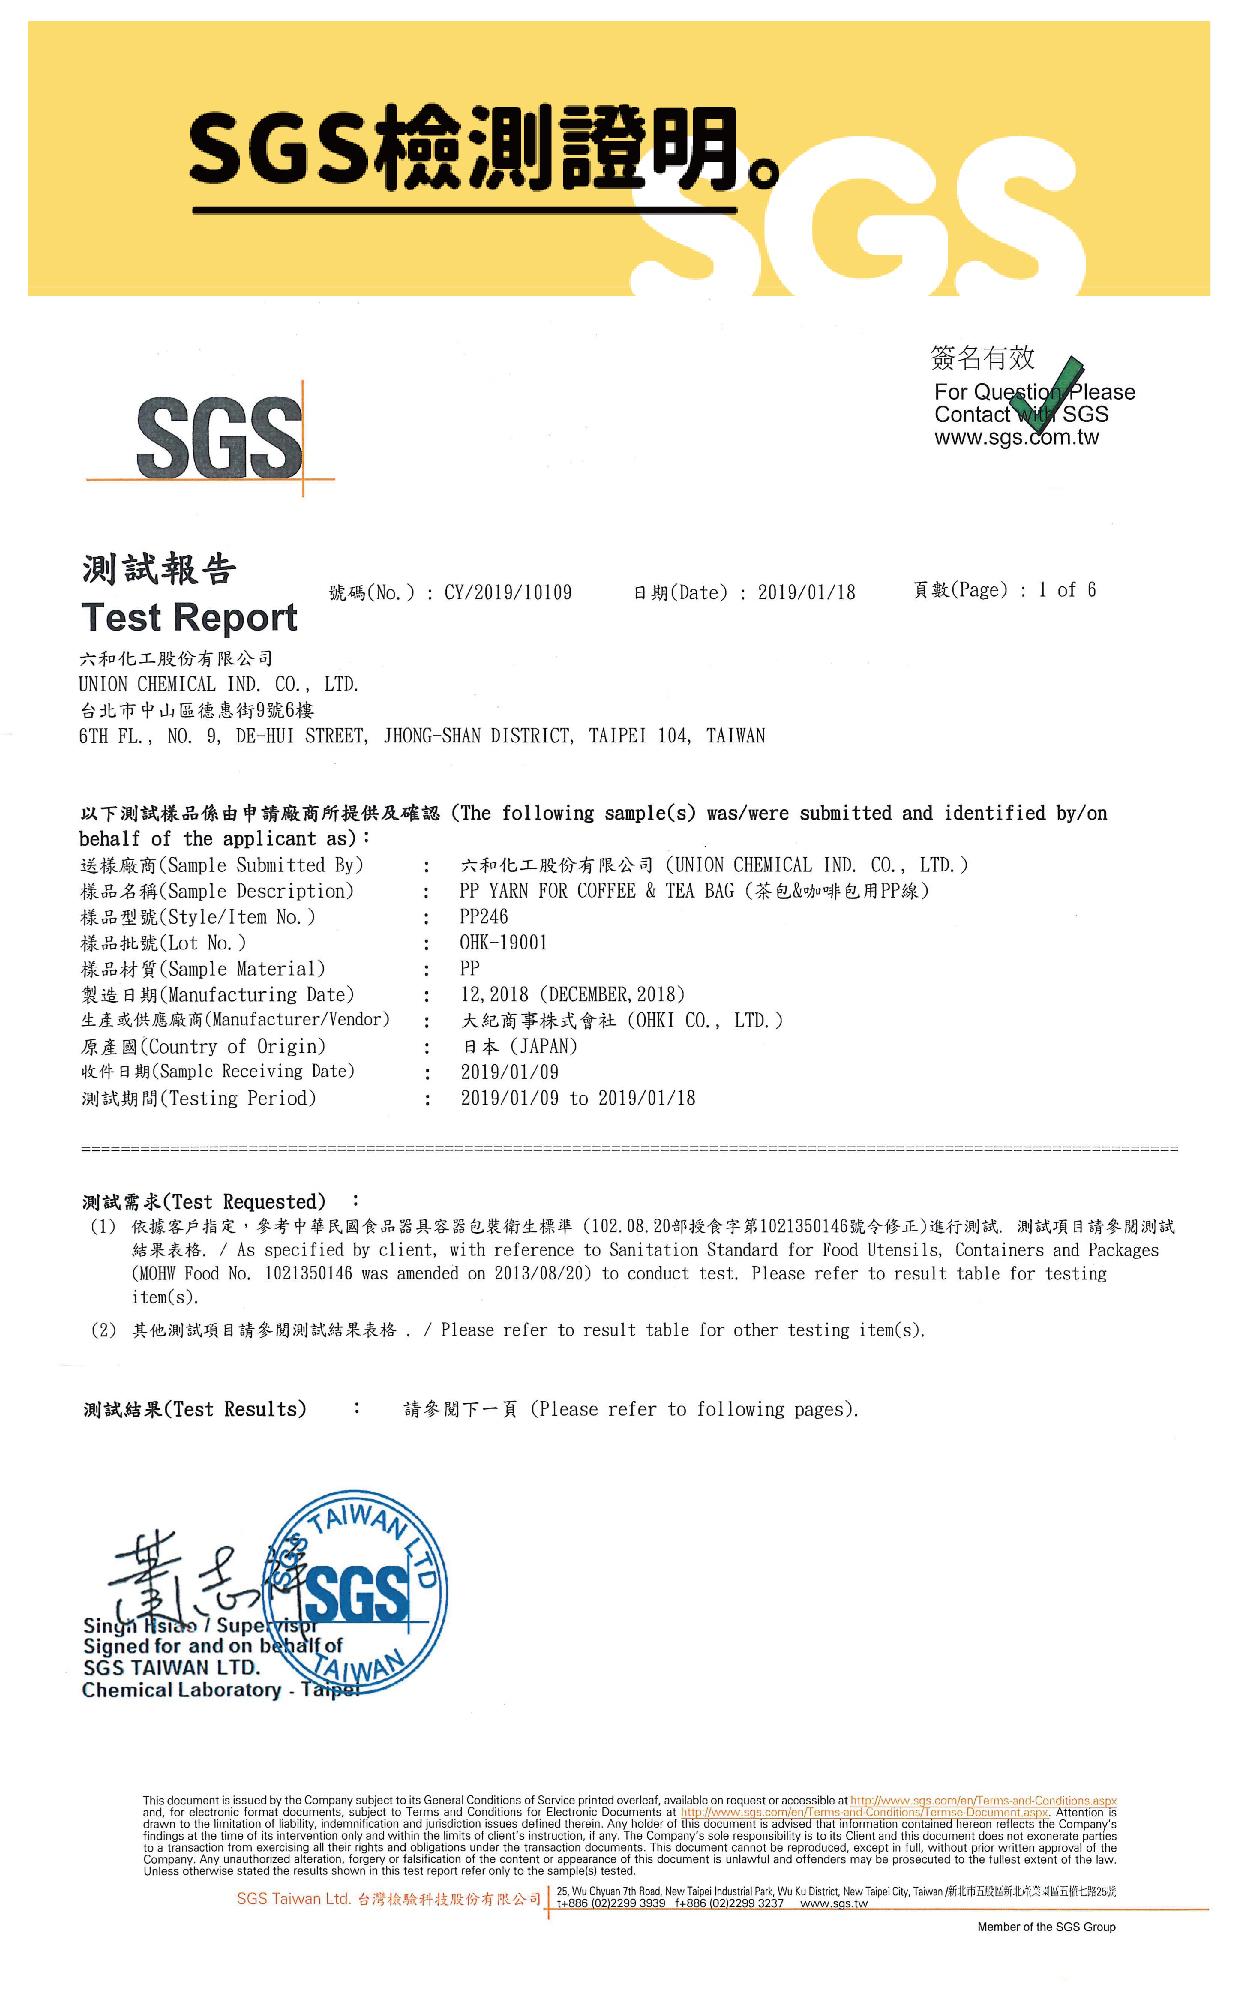 黑豆茶-SGS檢驗證明 | 禾乃川國產豆製所